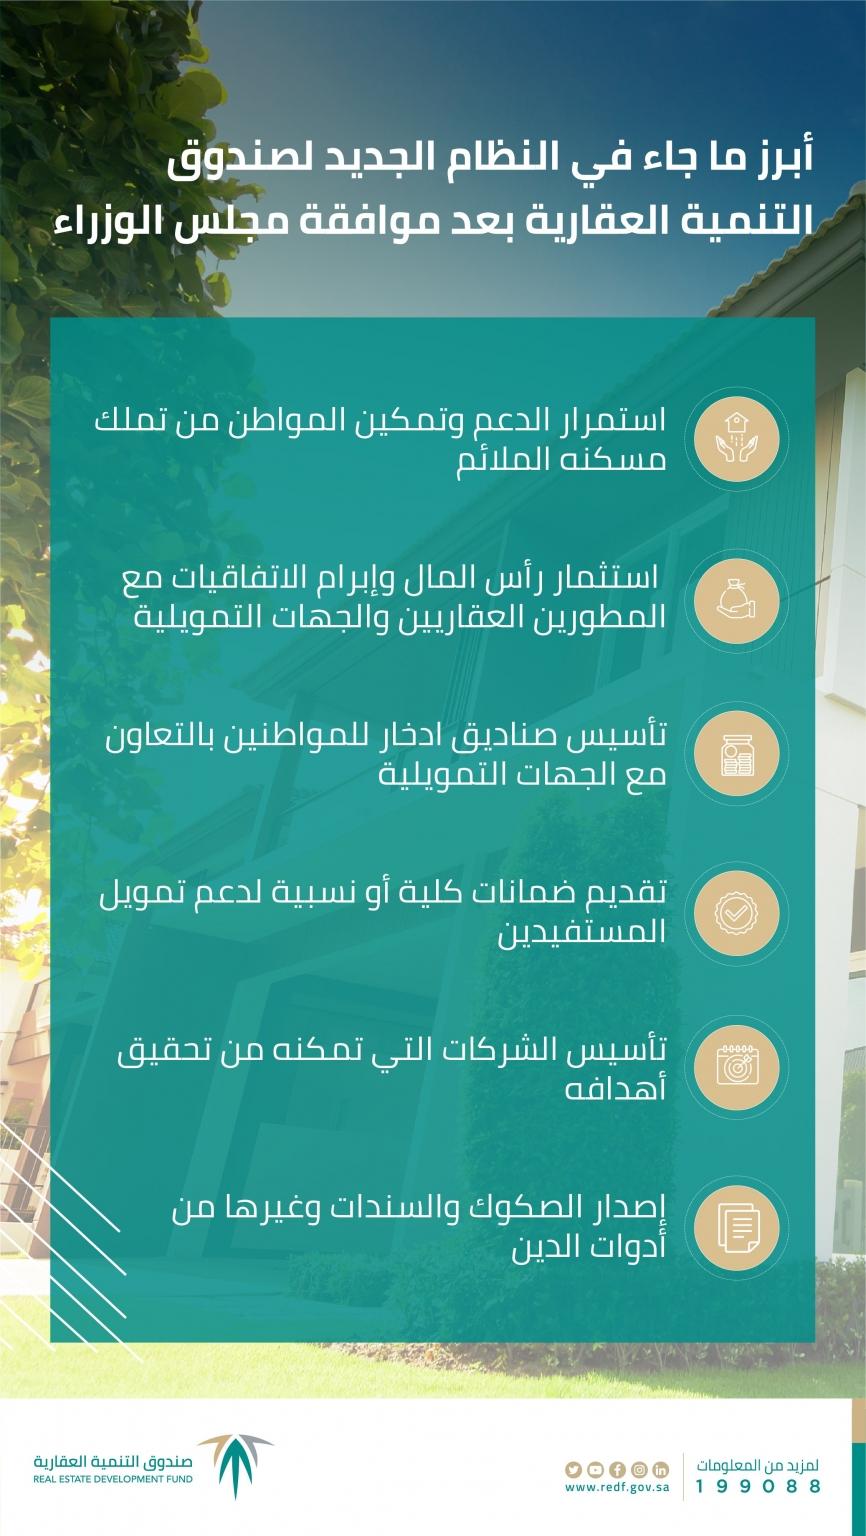 السعودية تسمح للأجانب بإدارة الشركات المملوكة لمواطنيها ونظام جديد للصندوق العقاري 1